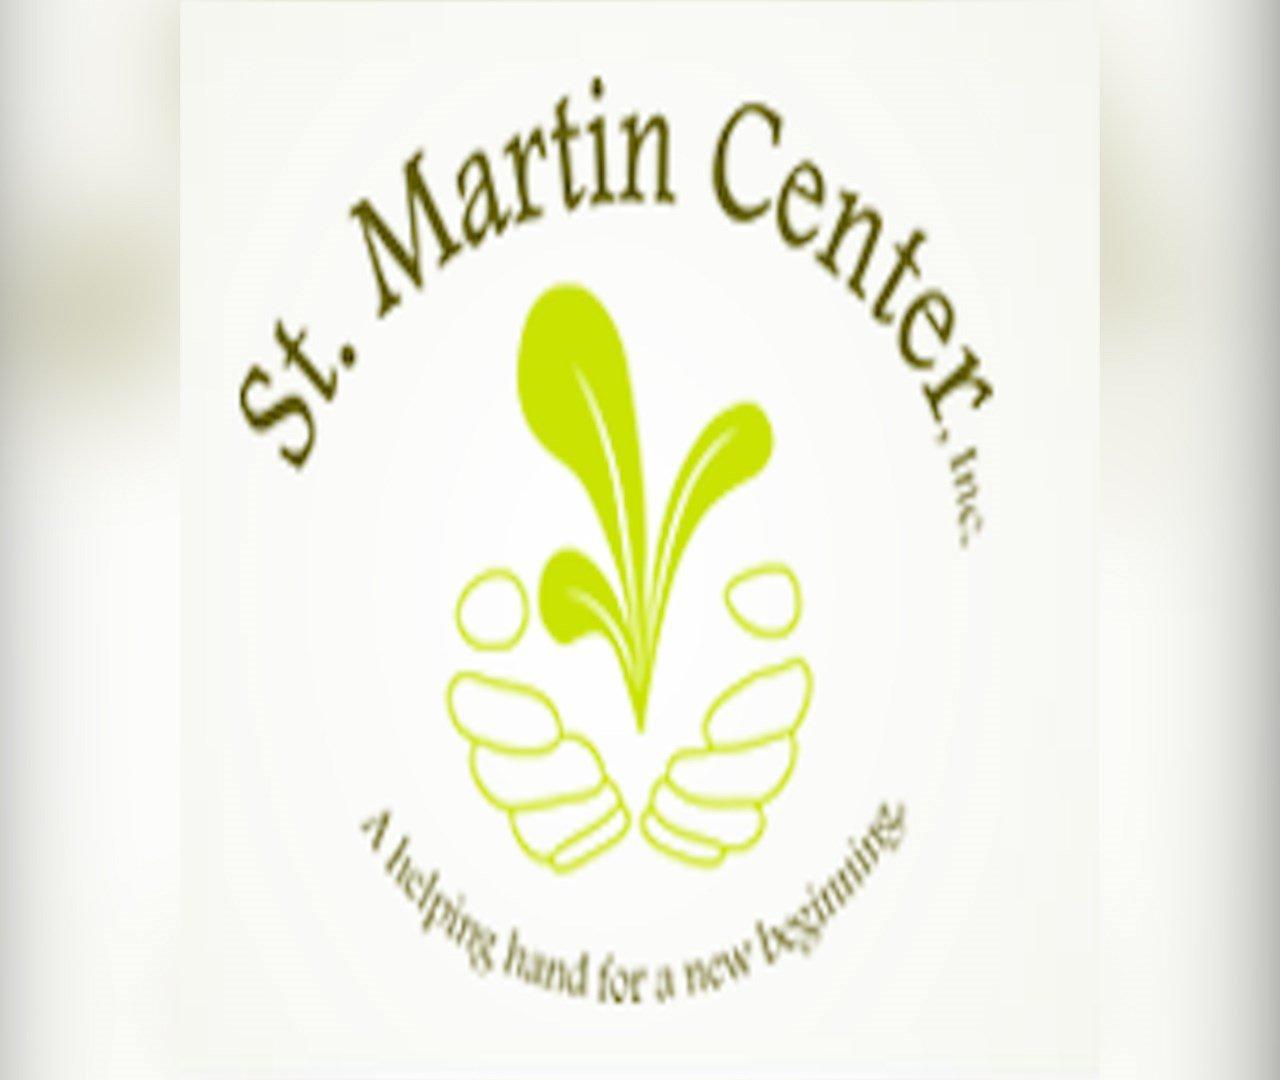 St. Martin Center